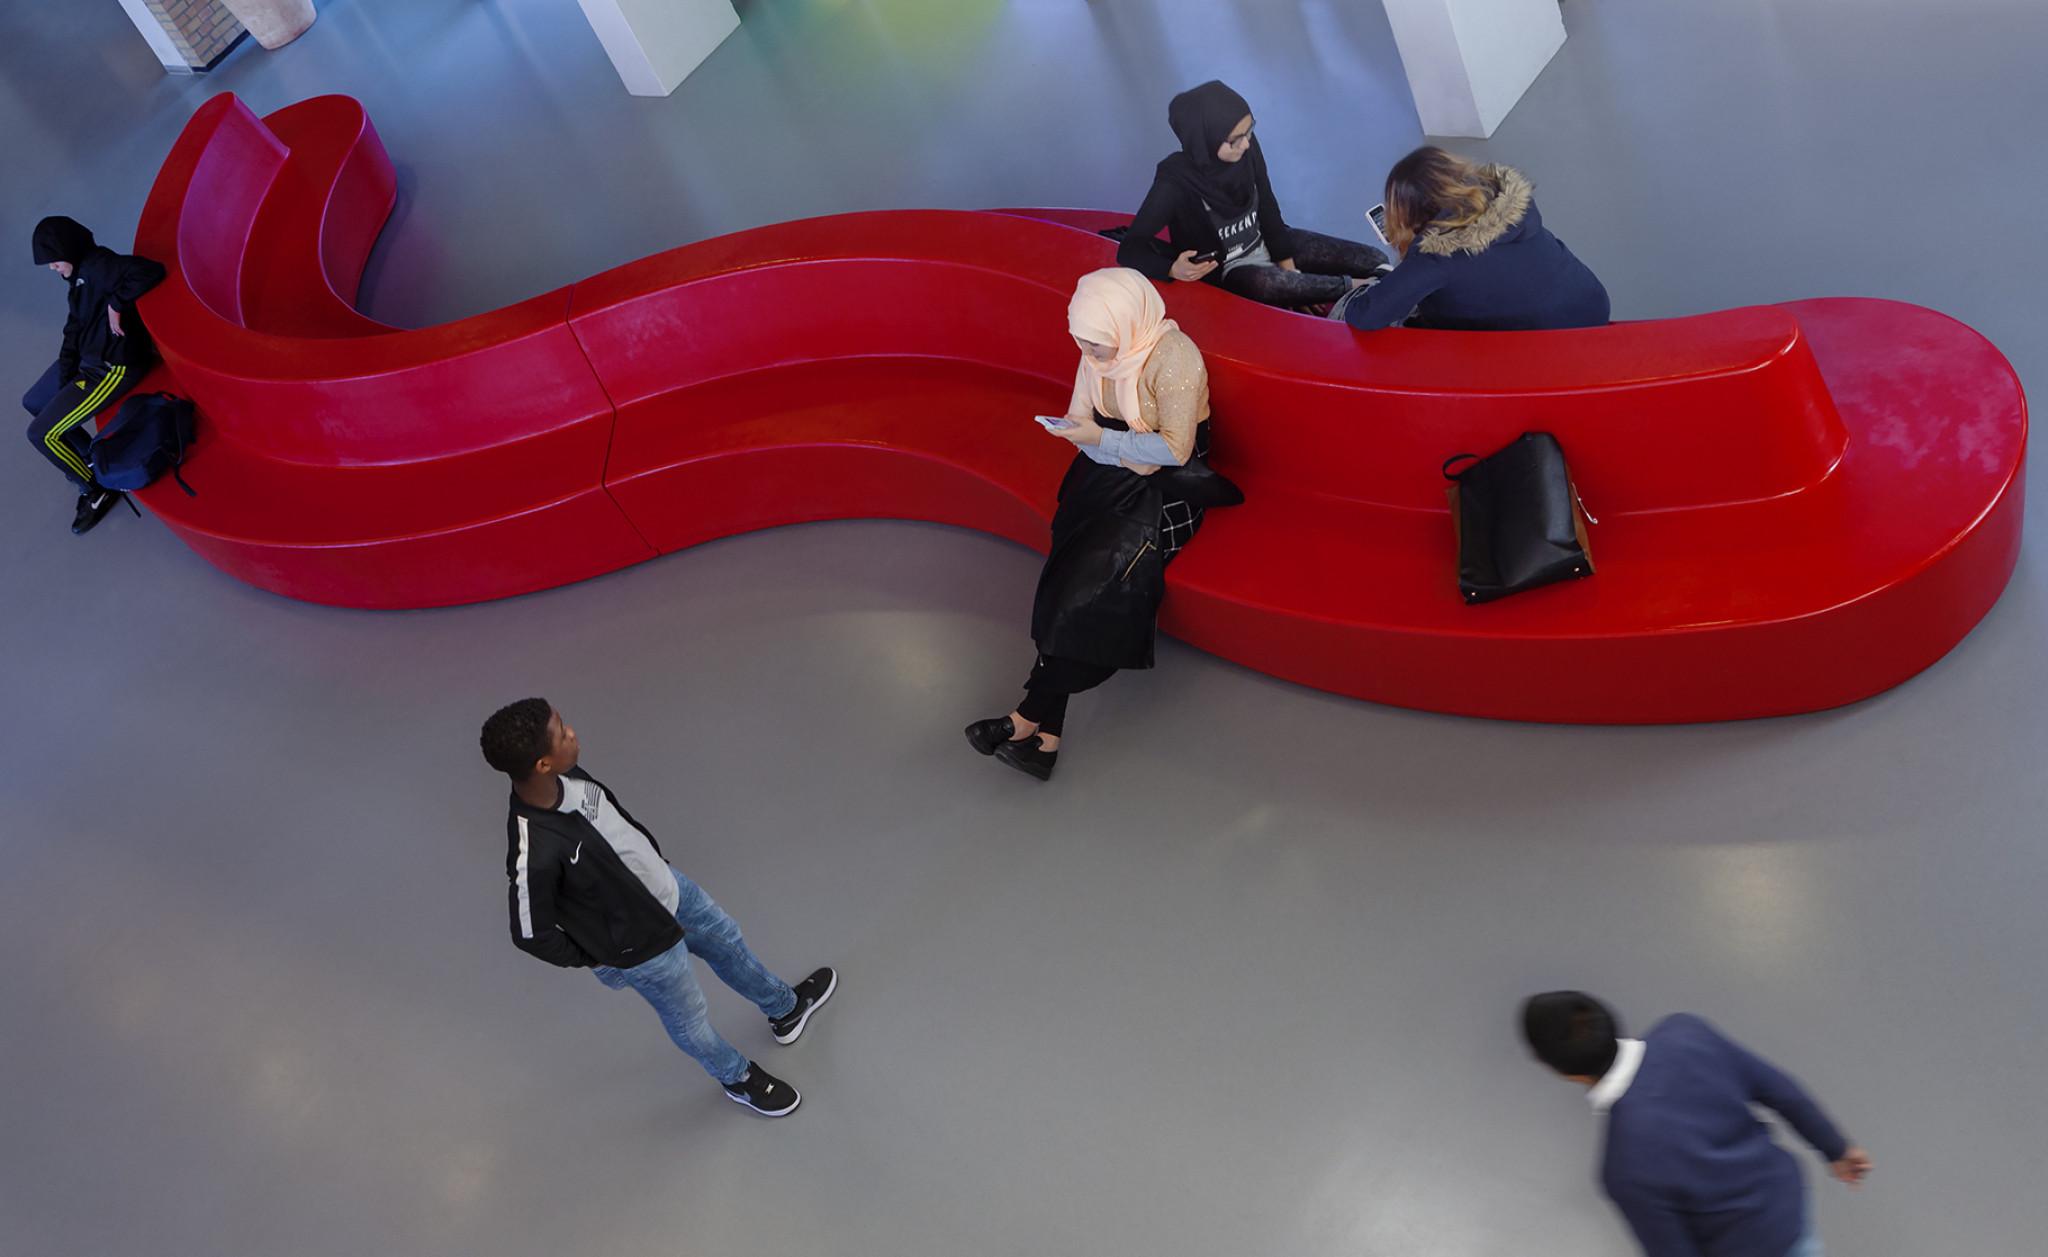 De Ontwerpwerkplaats, Gijs Niemeijer, Floor van Ditzhuyzen, Big Furniture, grote meubels, schoolmeubels, schoolmeubilair, groot meubilair, zitmeubilair, zitbanken, schoolbanken,